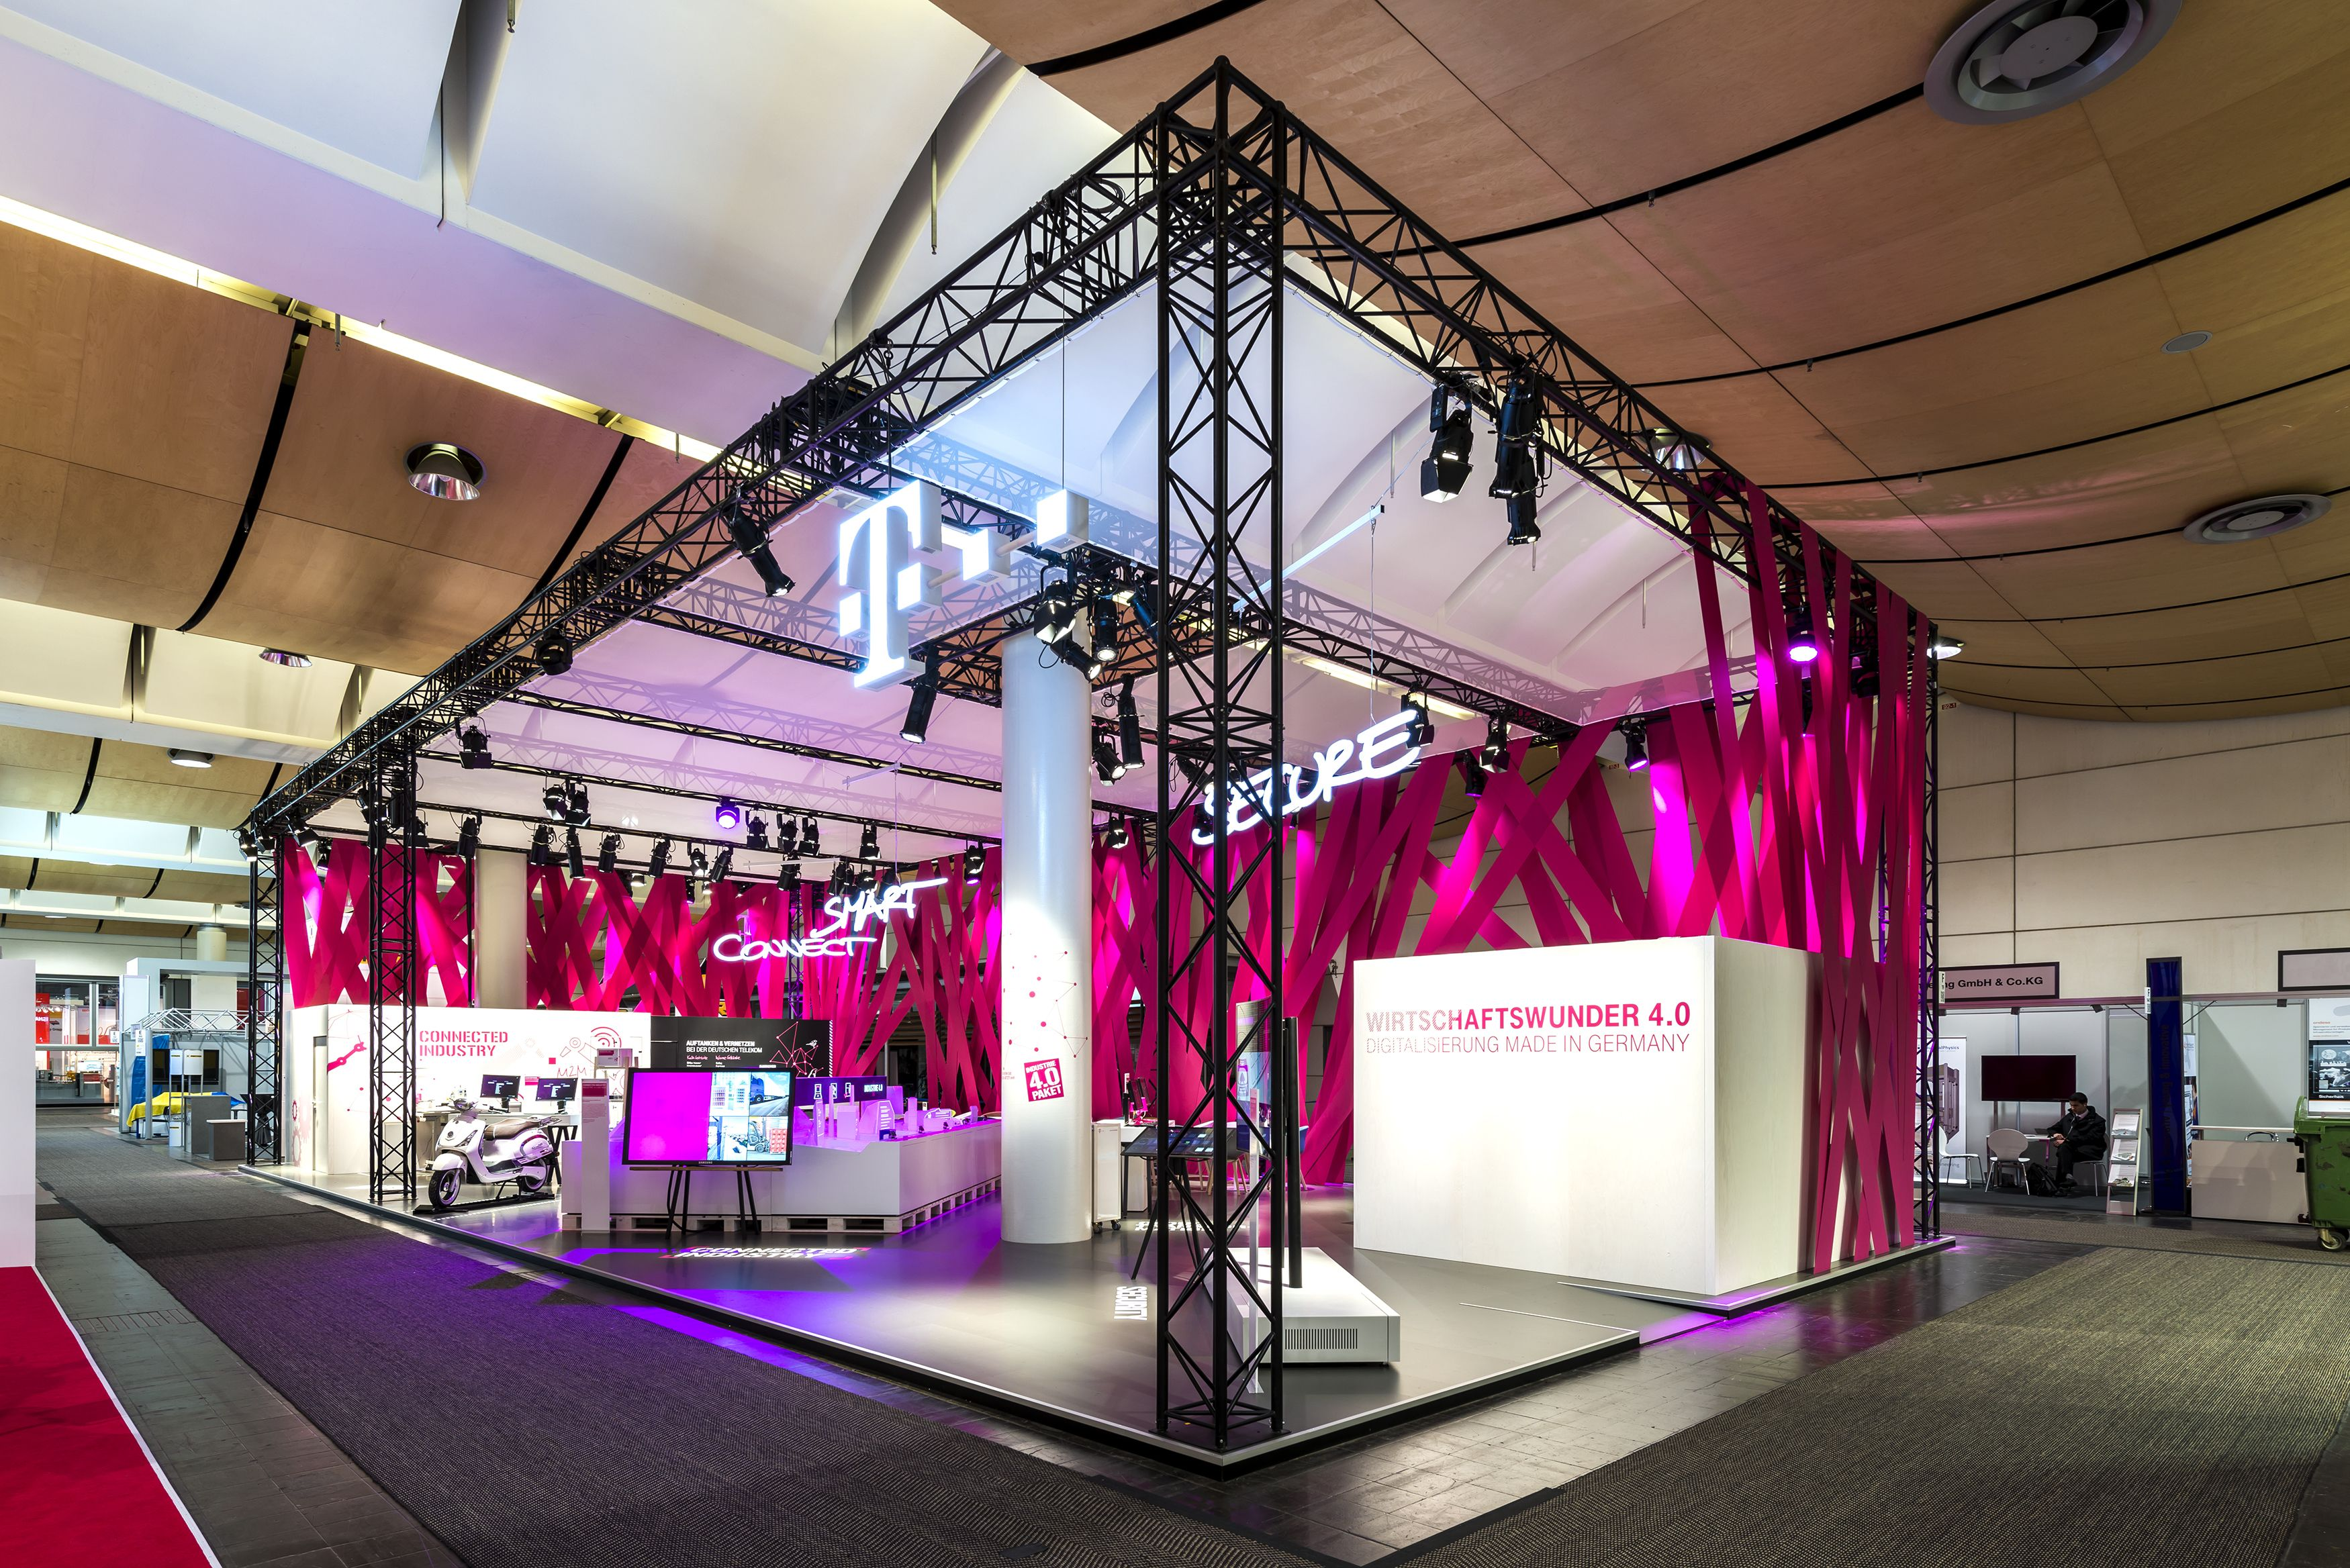 Deutsche Telekom Stand Hannover Messe 2015 brand